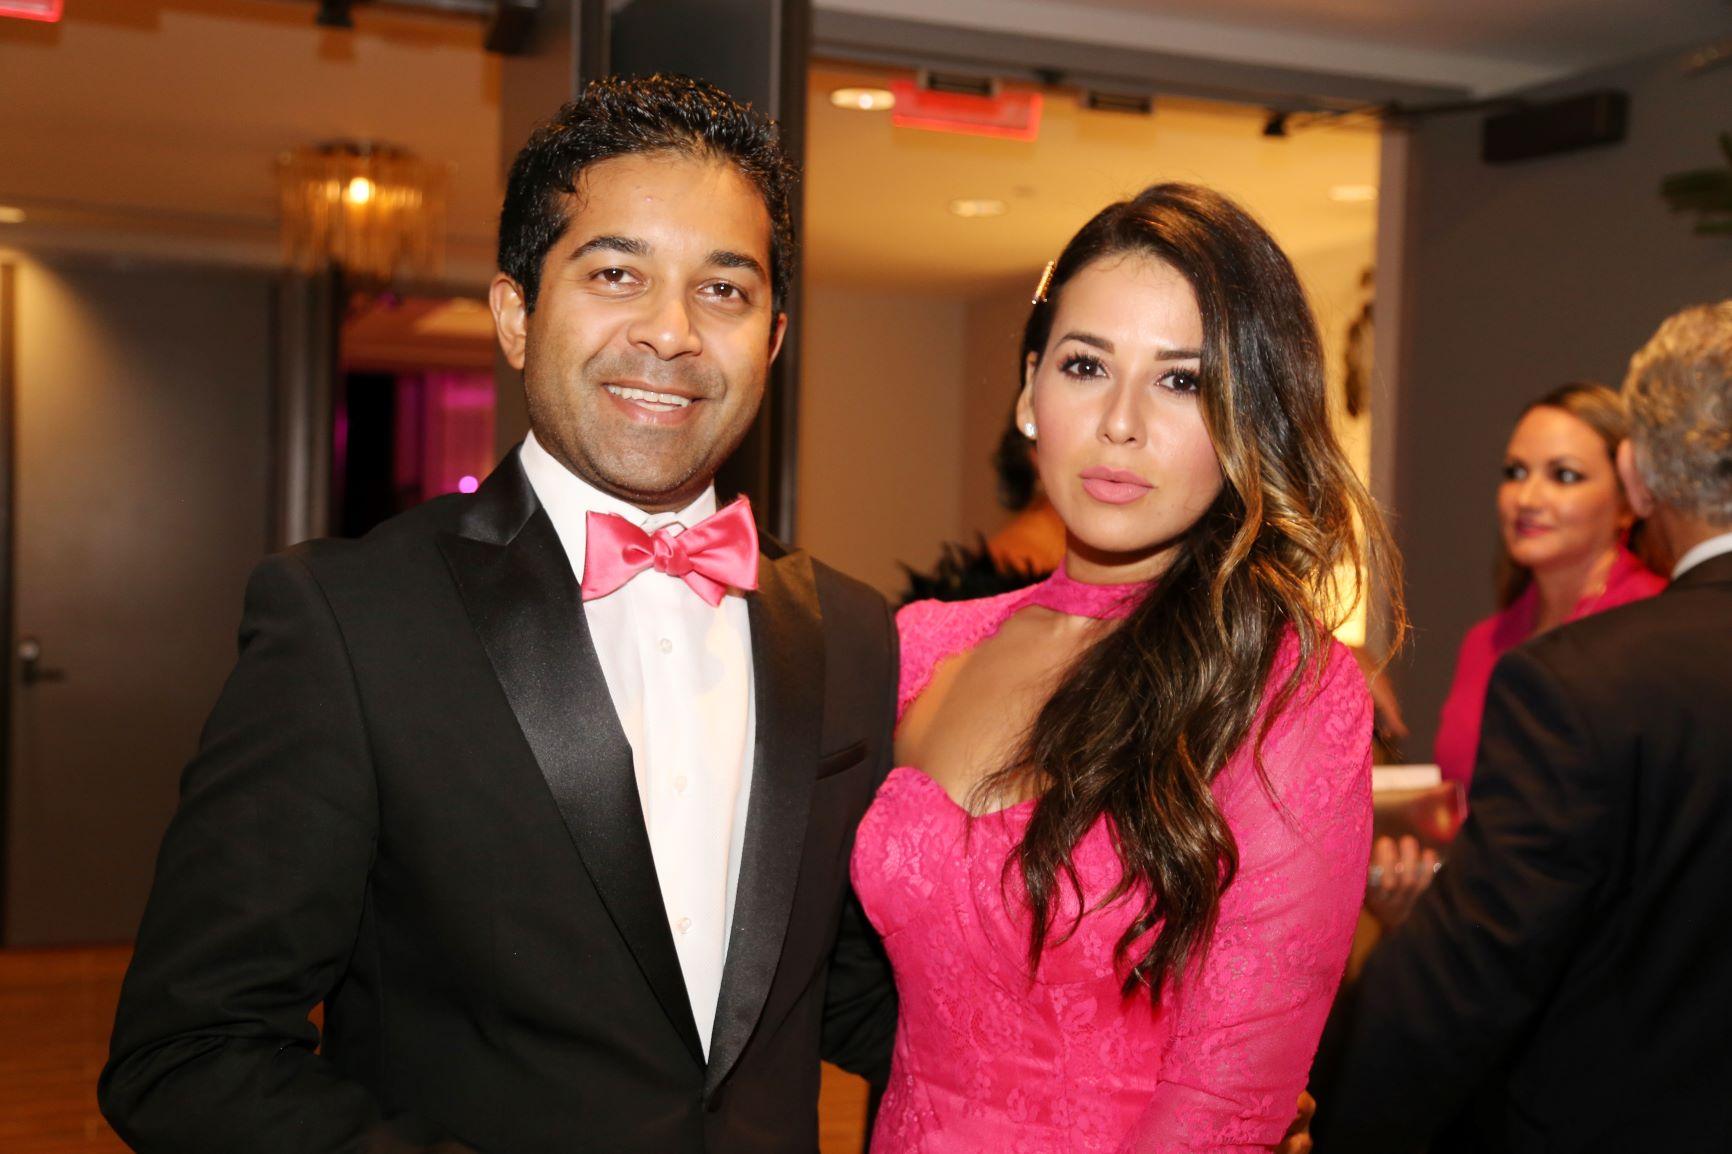 Fahad Ghaffar y Glendaliz Acevedo (Nichole Saldarriaga)